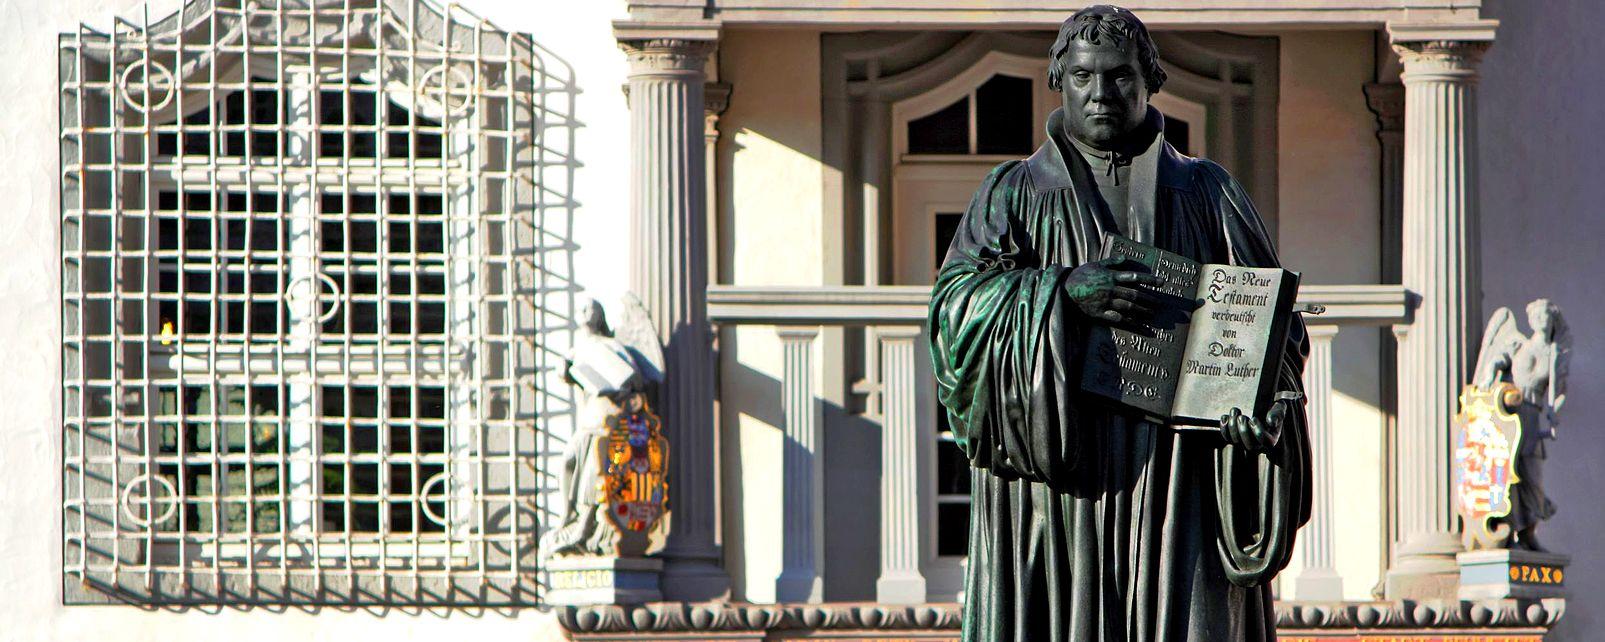 Les arts et la culture, Wittenberg Allemagne Saxe-Anhalt Europe Luther Statue mairie ville